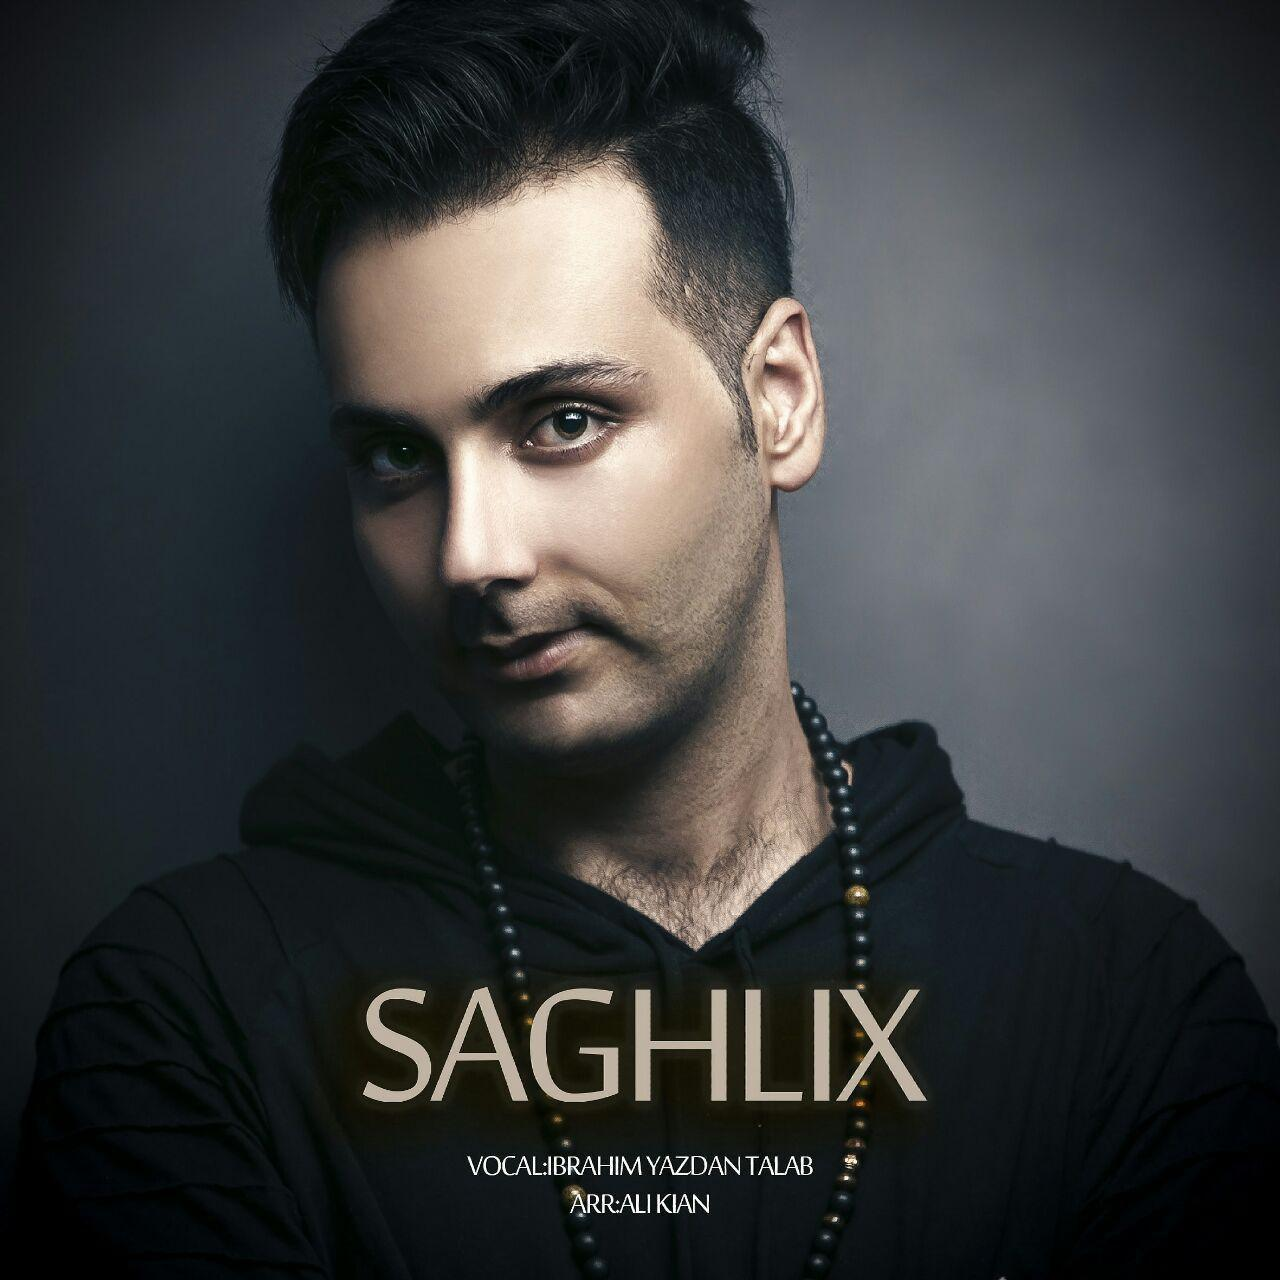 http://s7.picofile.com/file/8382395526/11Ibrahim_Yazdantalab_Saghlix.jpg